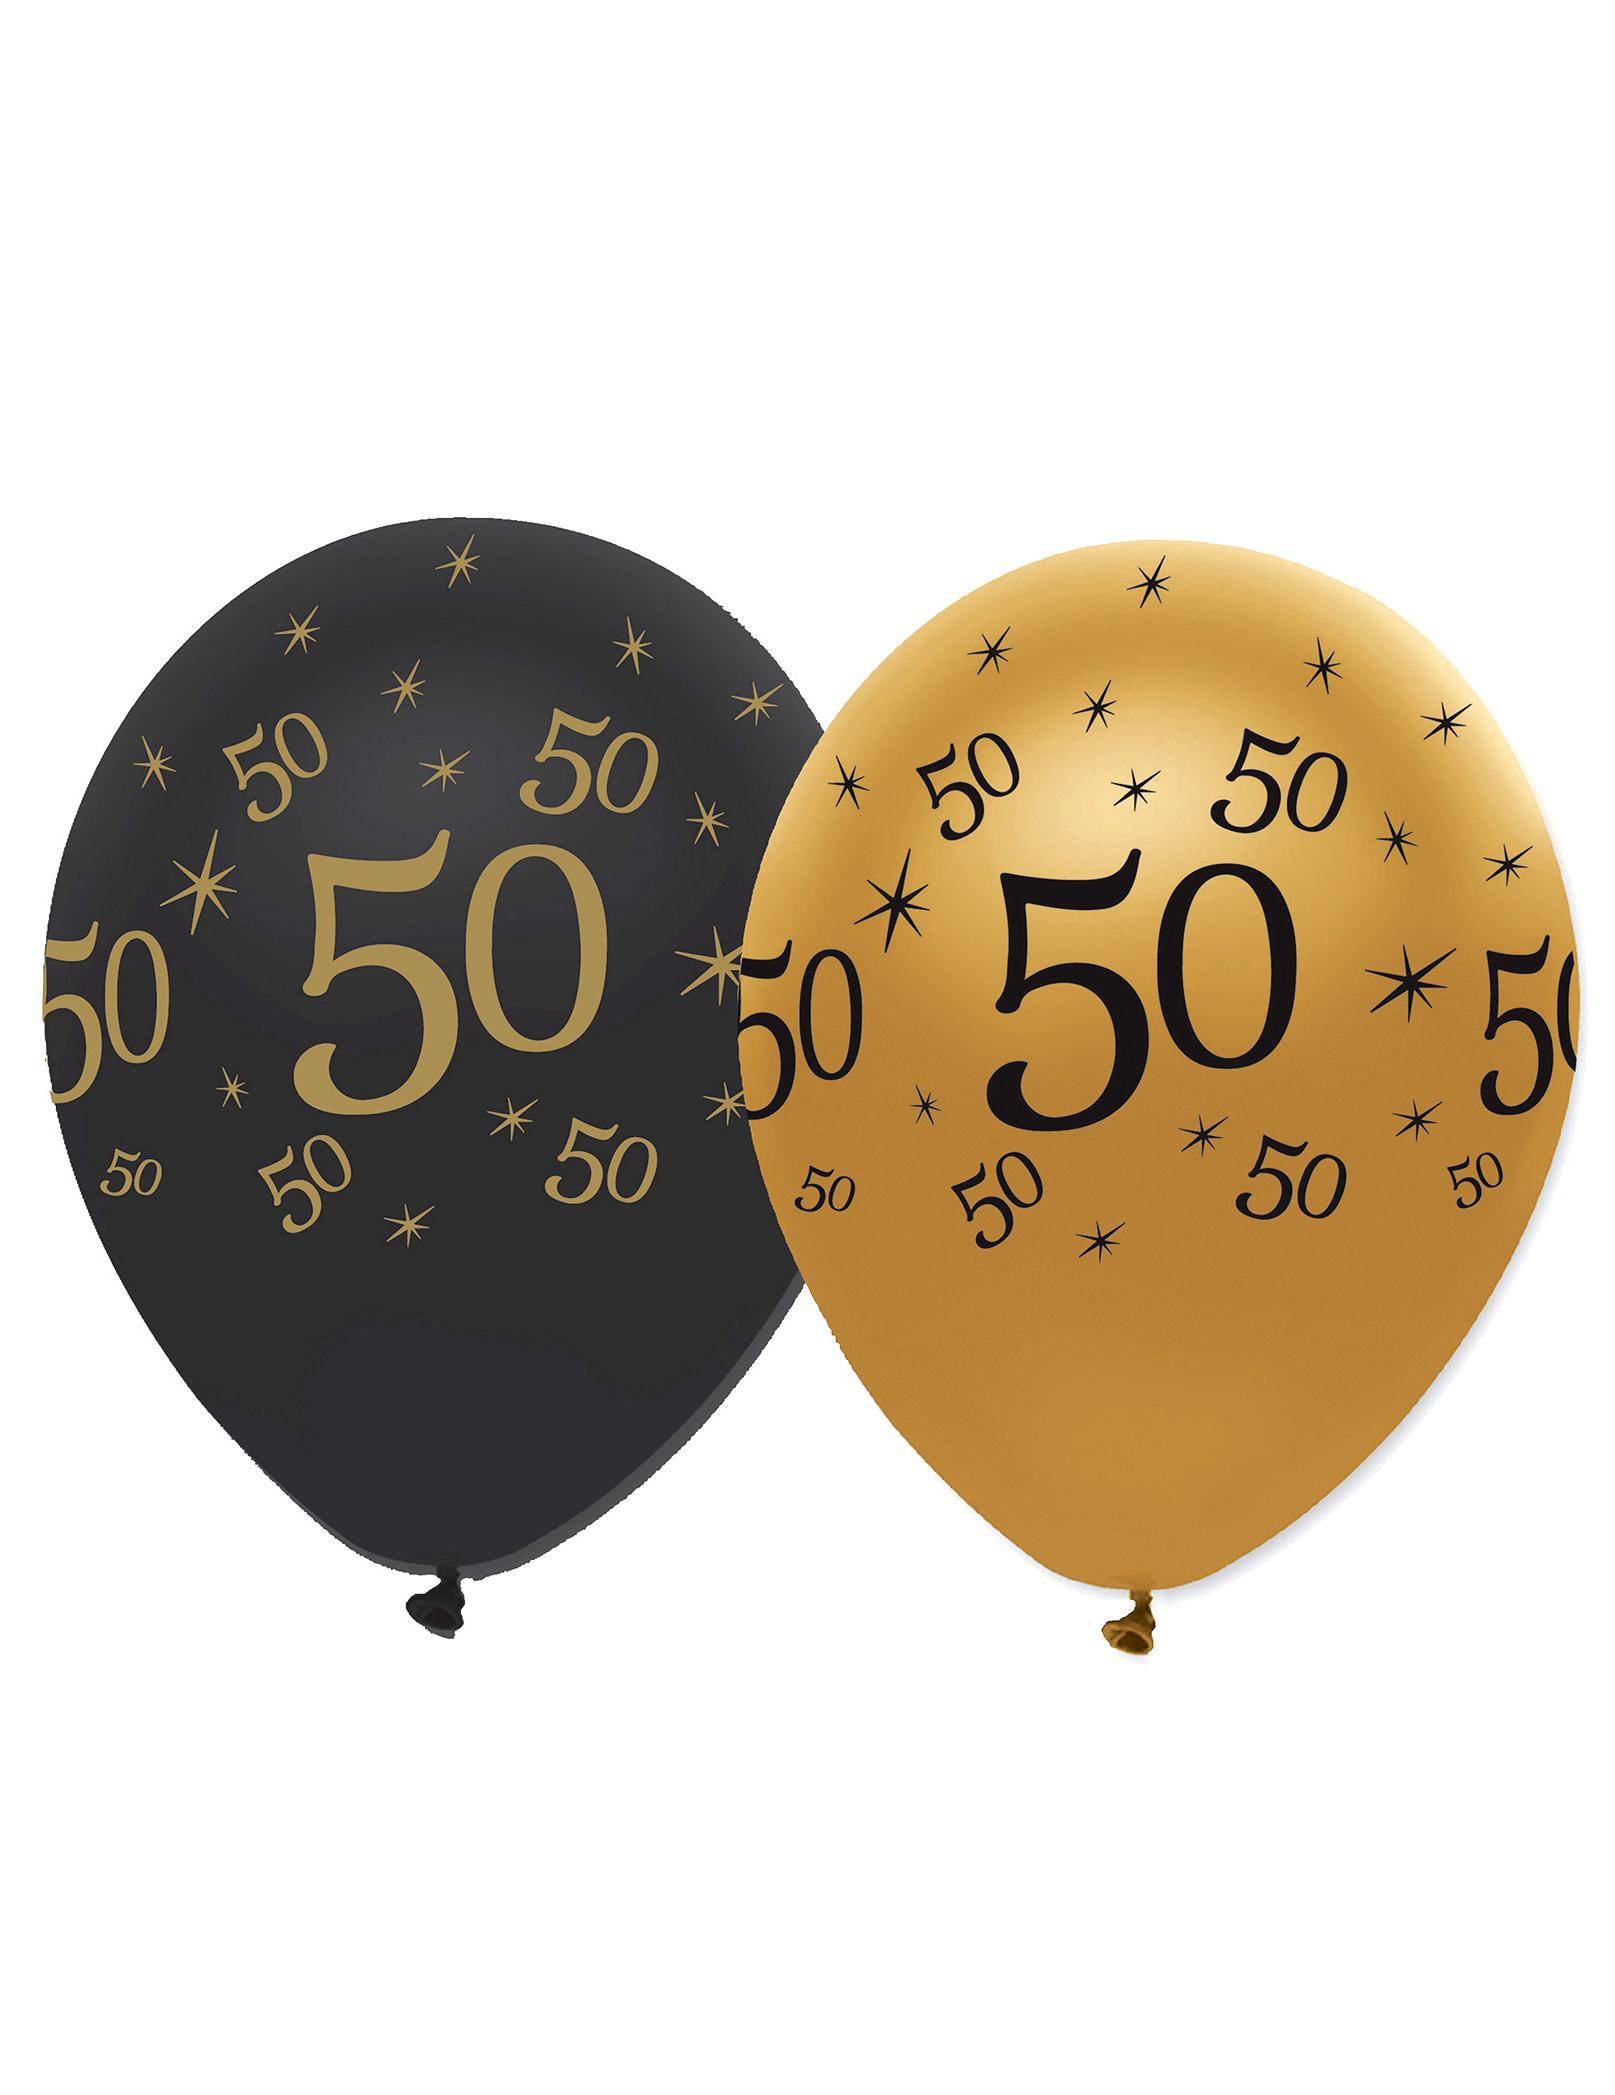 40 Jaar Tros